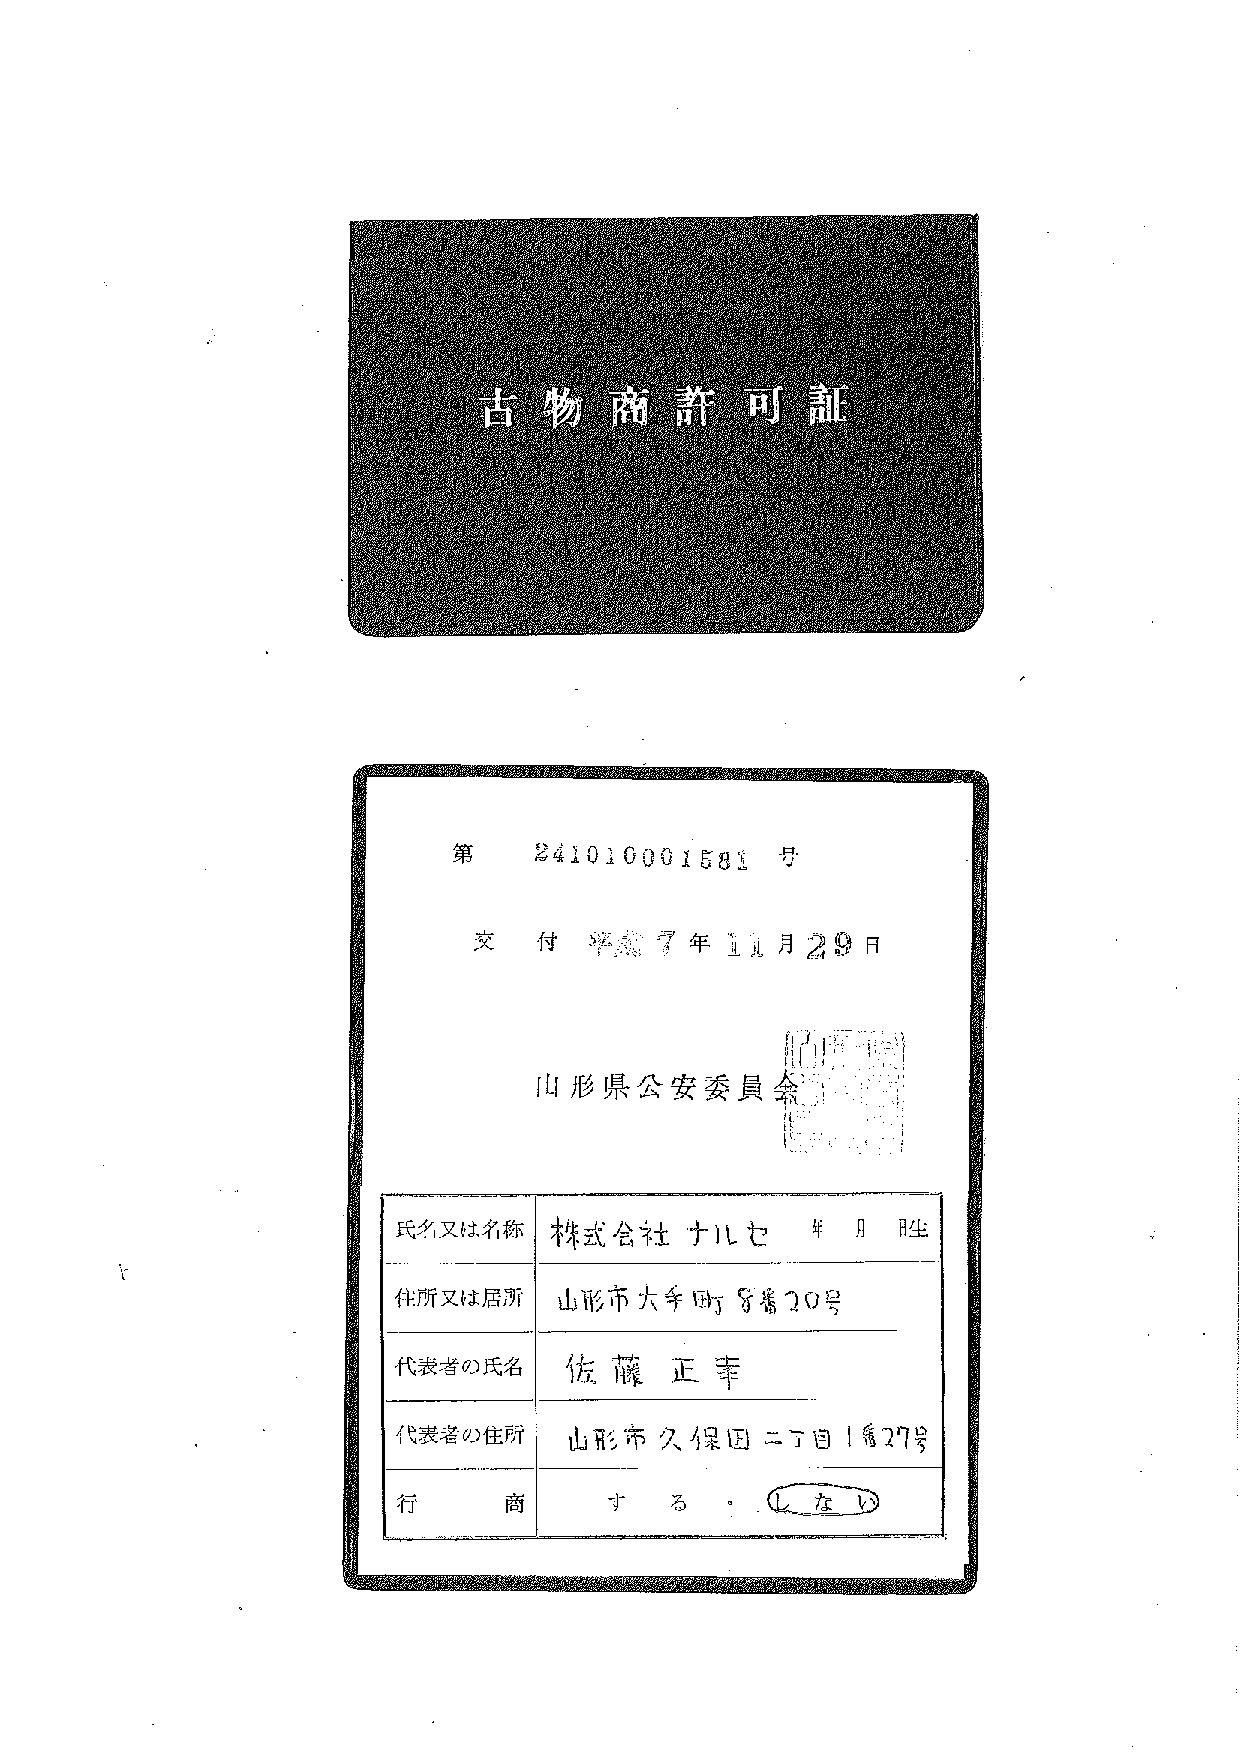 山形県公安委員会許可 第241010001581号